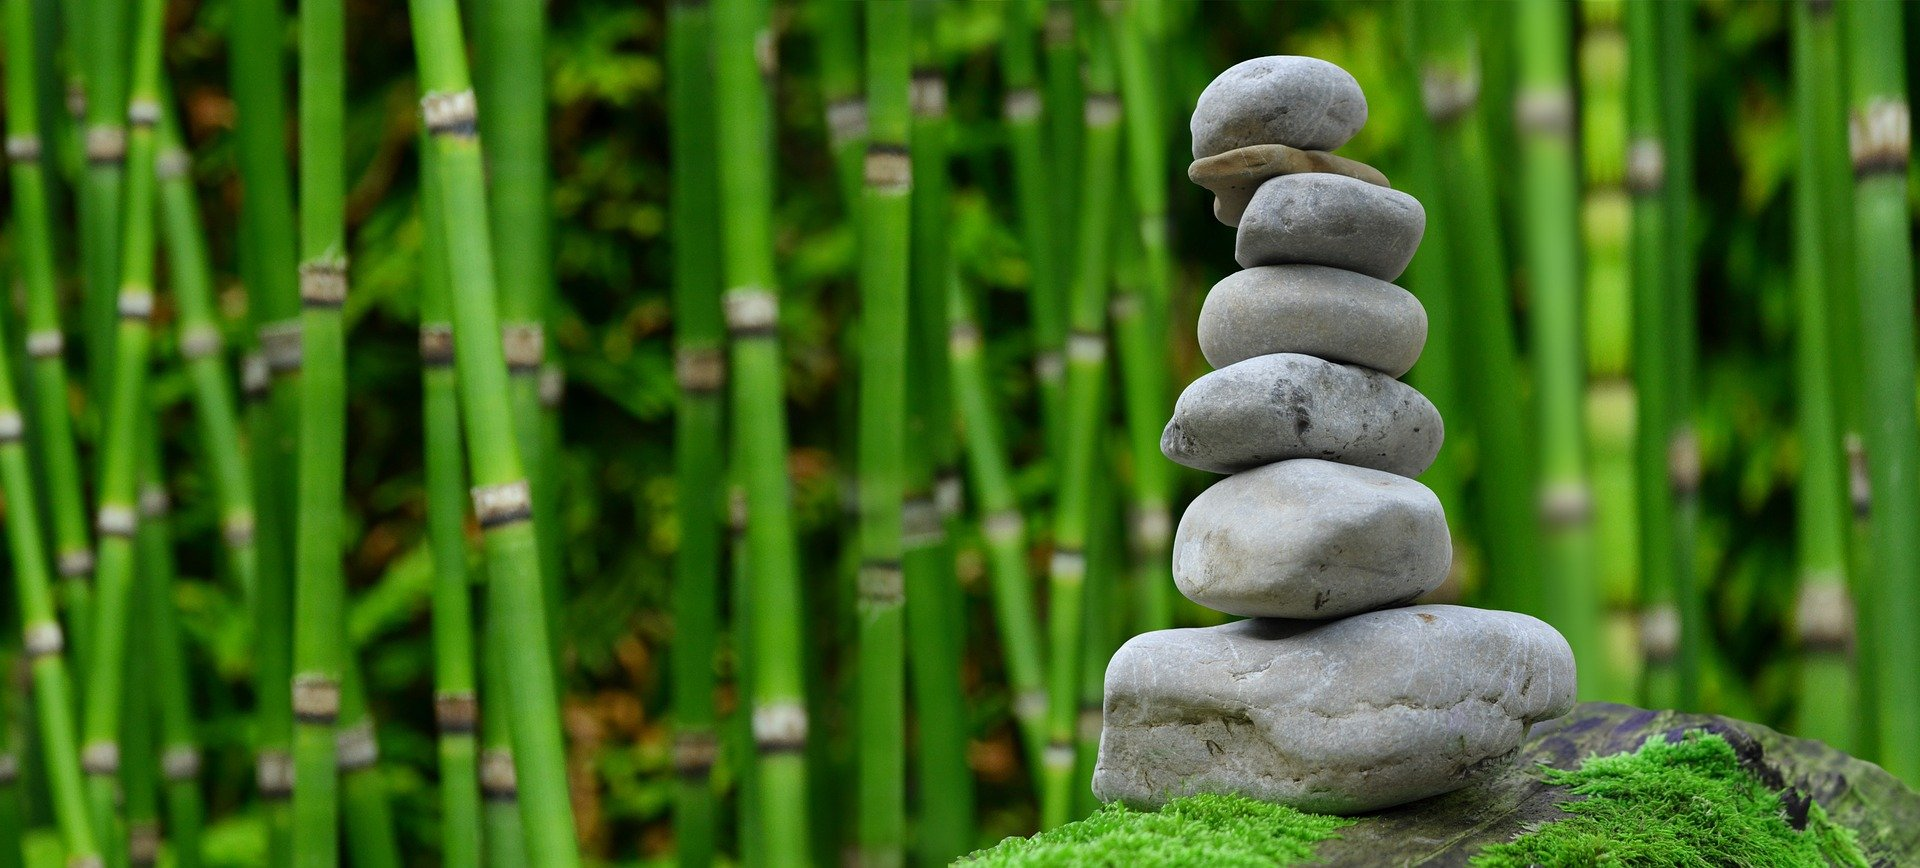 Chaque semaine, 7 questions à vous poser pour votre bien-être !